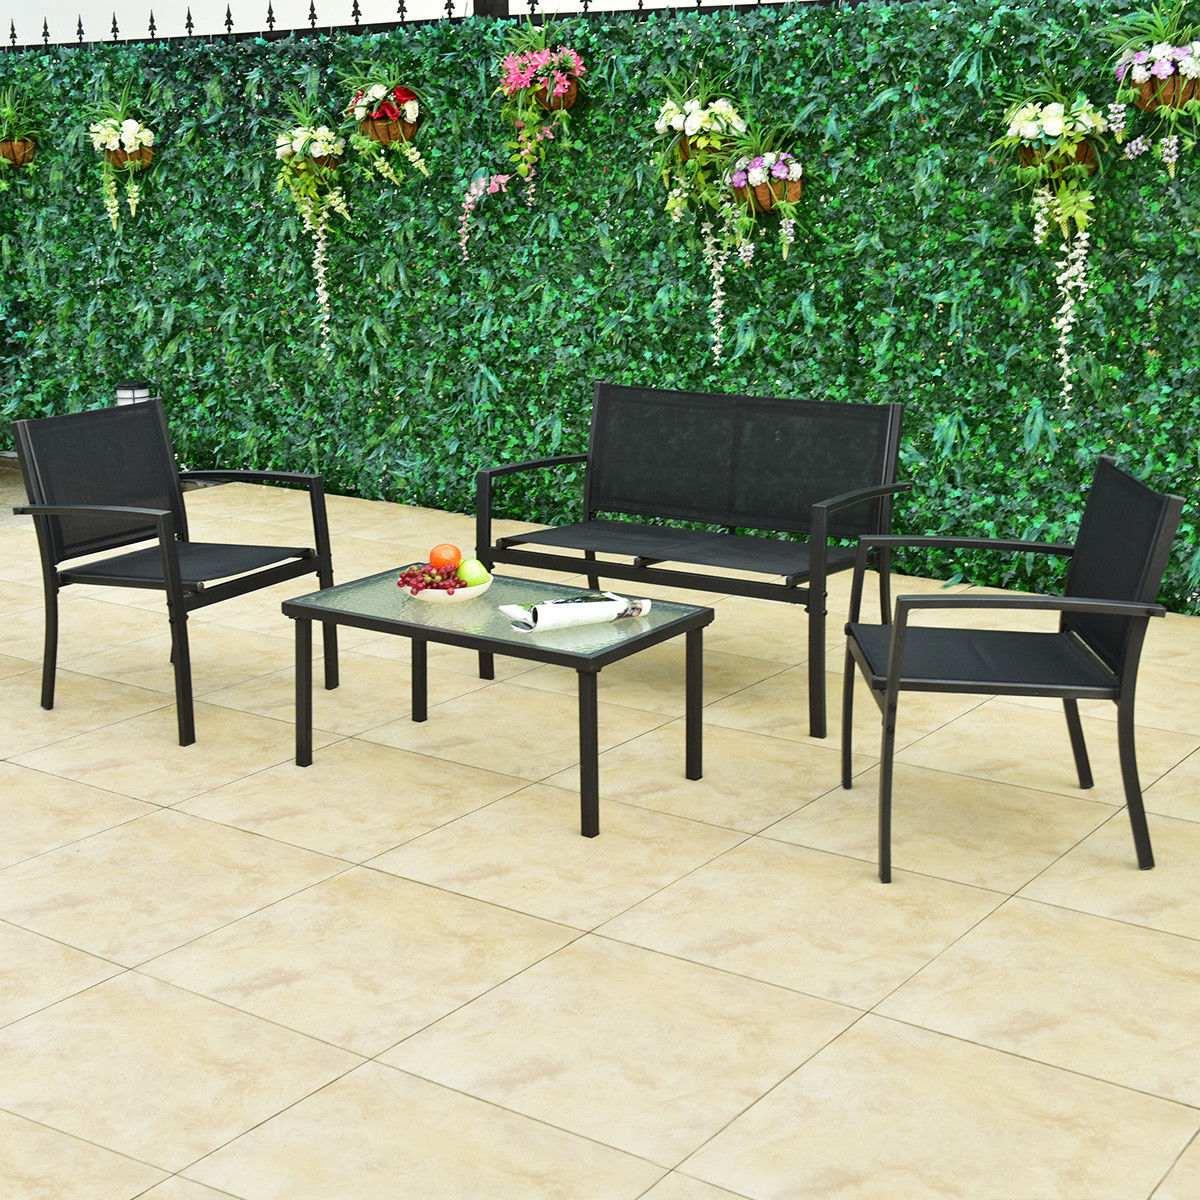 4 Pc Muebles Conjunto Sofá Café Mesa Acero Marco Jardín - $ 902.990 ...